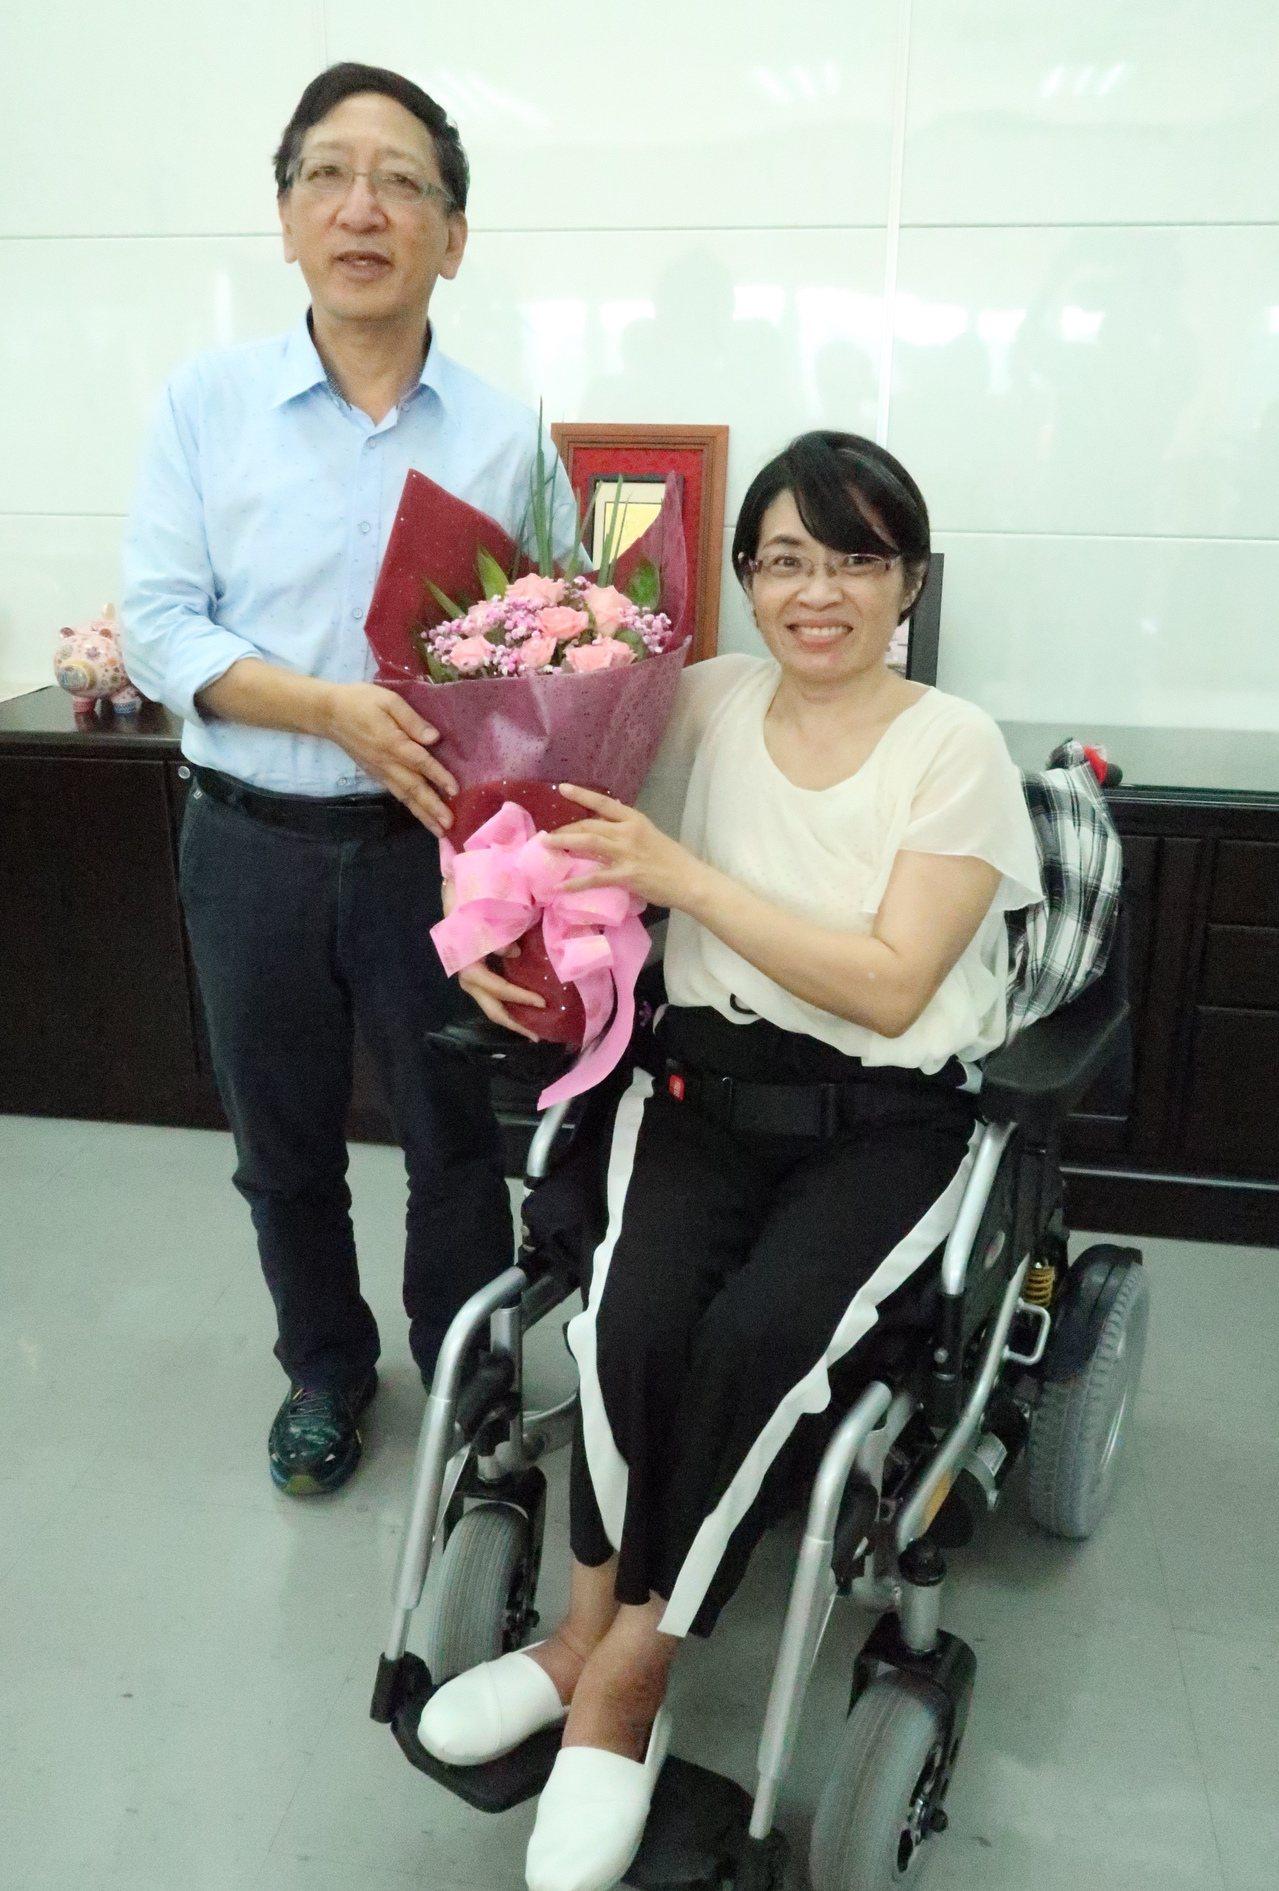 脊髓損傷者陳柳云(右)騎著電動輪椅到教育局,感謝豪大雨當天救她脫困的教育局長吳榕...